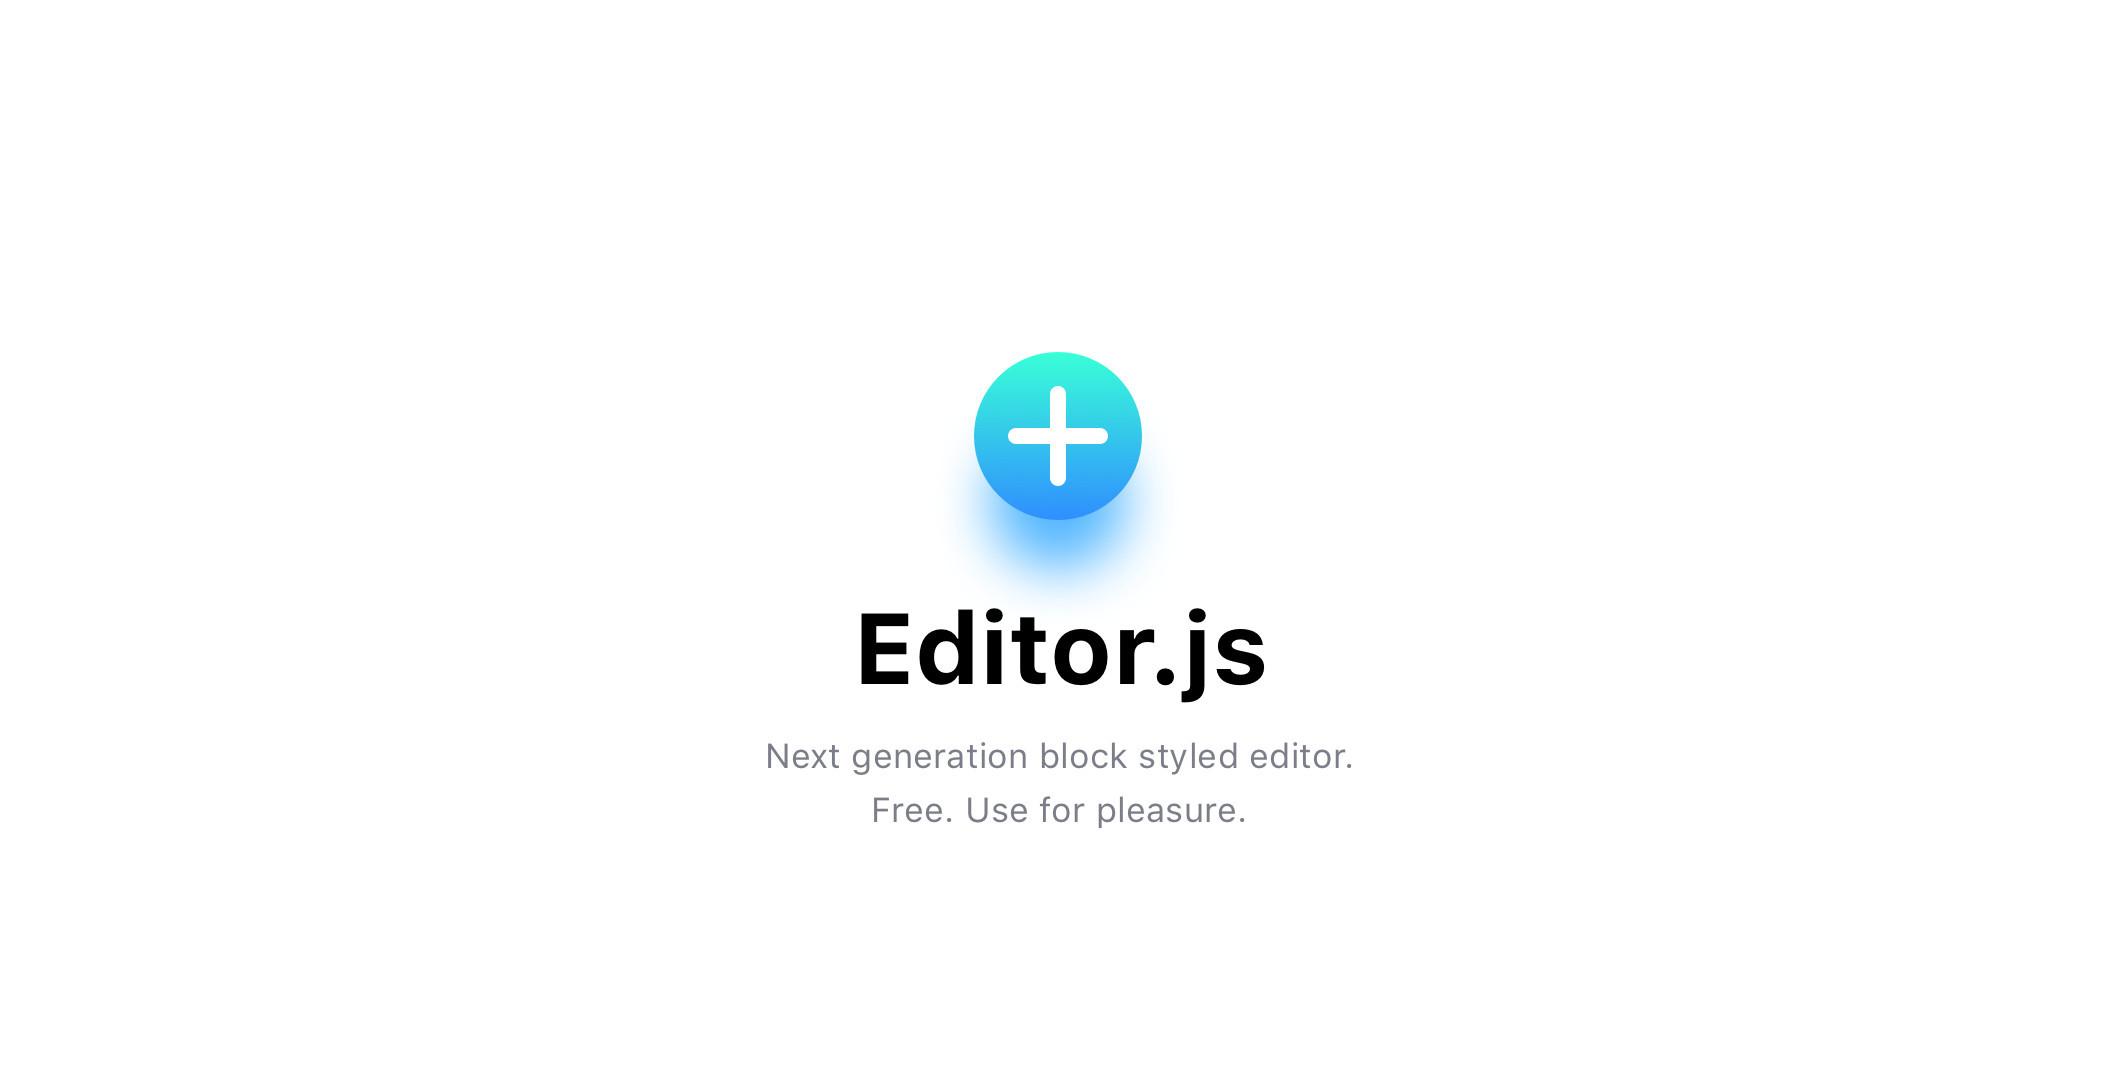 由块组成内容并返回 JSON 的编辑器 Editor.js